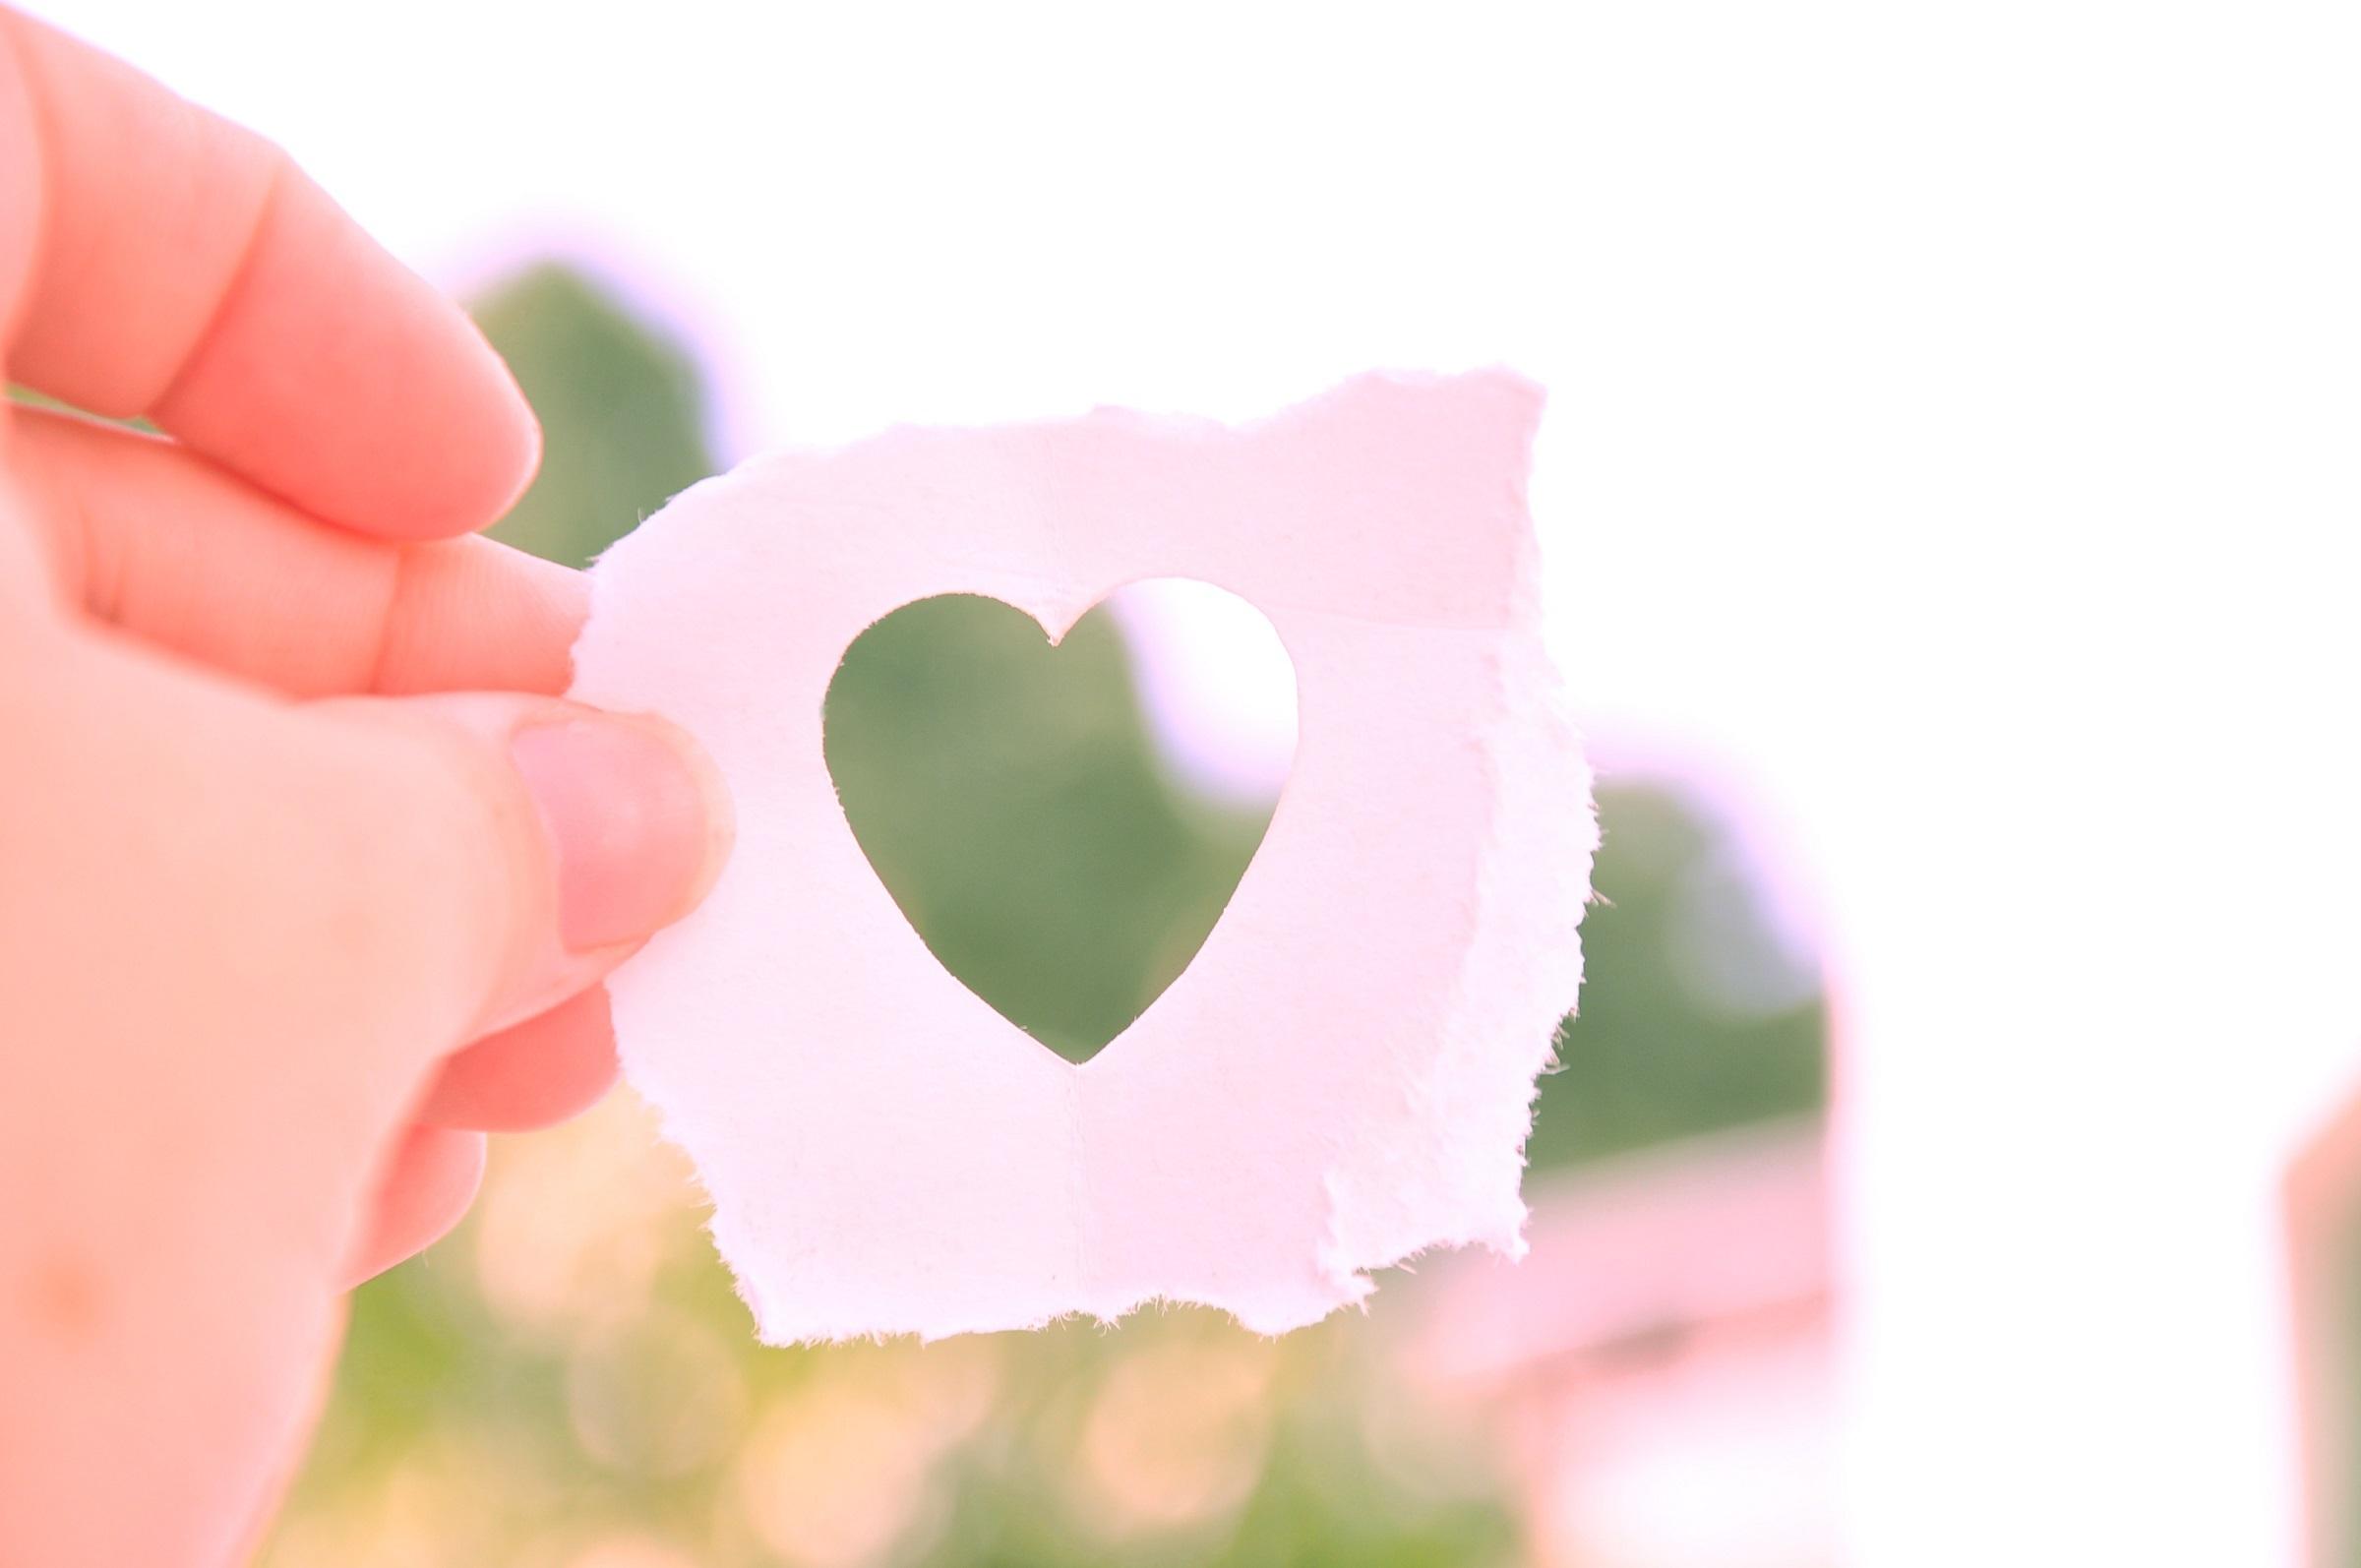 バレンタインメッセージを彼氏へ!手紙の例文やメールの内容を調査!